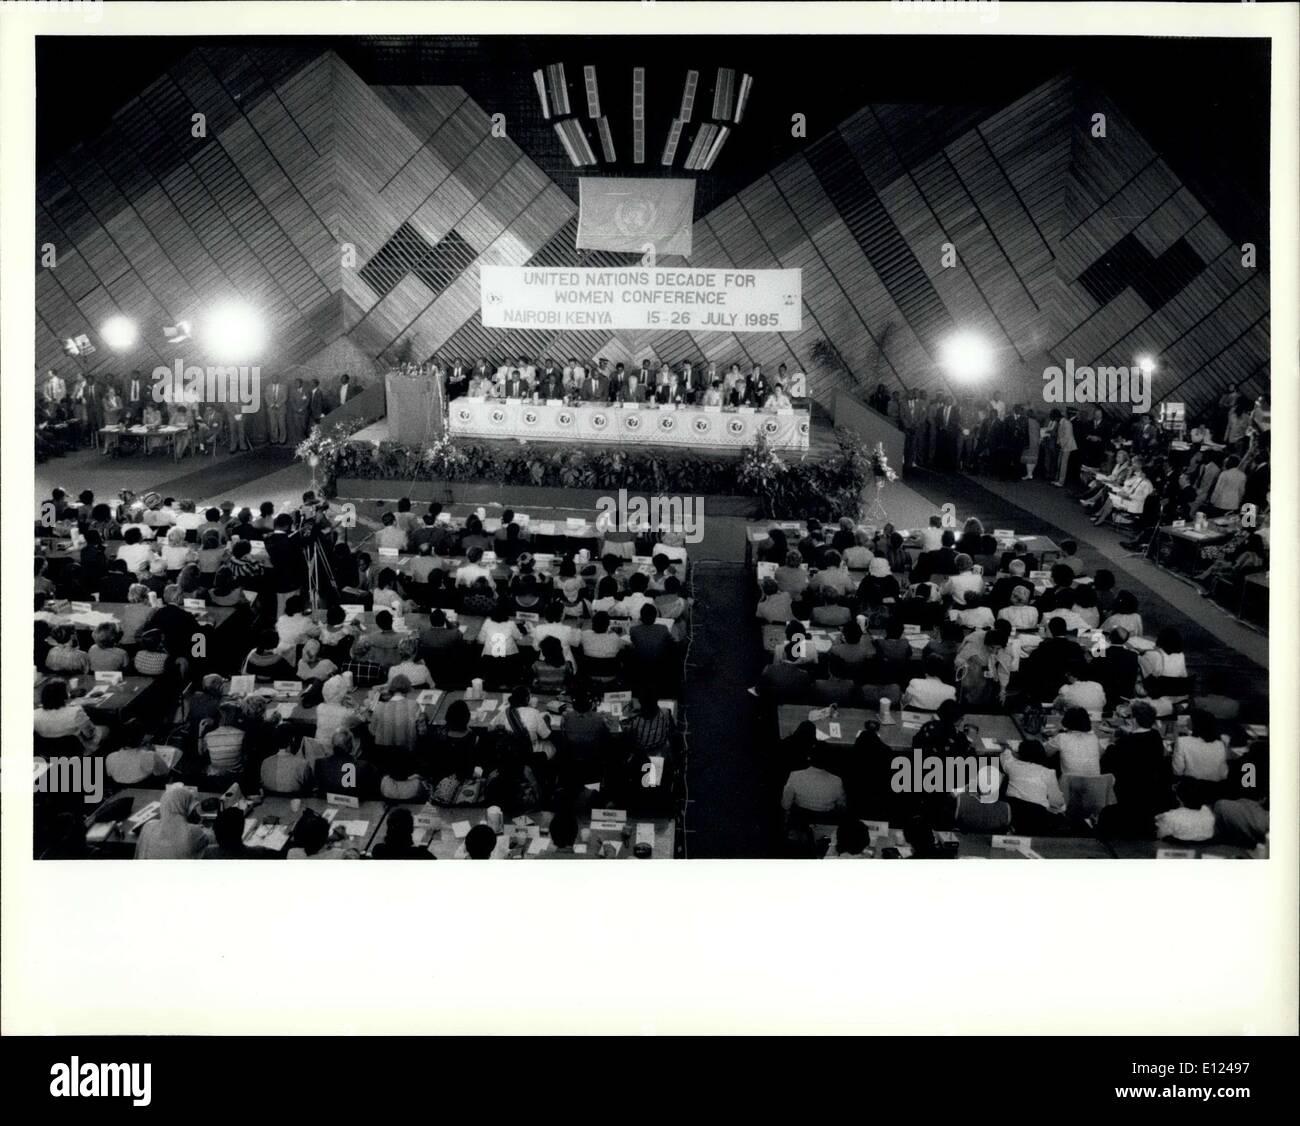 15. Juli 1985 - Konferenz über die Dekade der Vereinten Nationen Frauen trifft sich in Nairobi: The World Conference markiert das Ende der UN-Dekade für Frauen, die in Nairobi am 15. Juli begann am 27 Juli mit Annahme durch Konsens ein Abschlussdokument mit Atrategies geschlossen, für den Rest des Jahrhunderts, sind entworfen, um den Status von Frauen verbessern und integrieren sie in alle Aspekte der Entwicklung. Vertreter von mehr als 140 Nationen nahmen an der Weltkonferenz zu überprüfen und bewerten die Leistungen der UN-Dekade für Frauen Stockbild